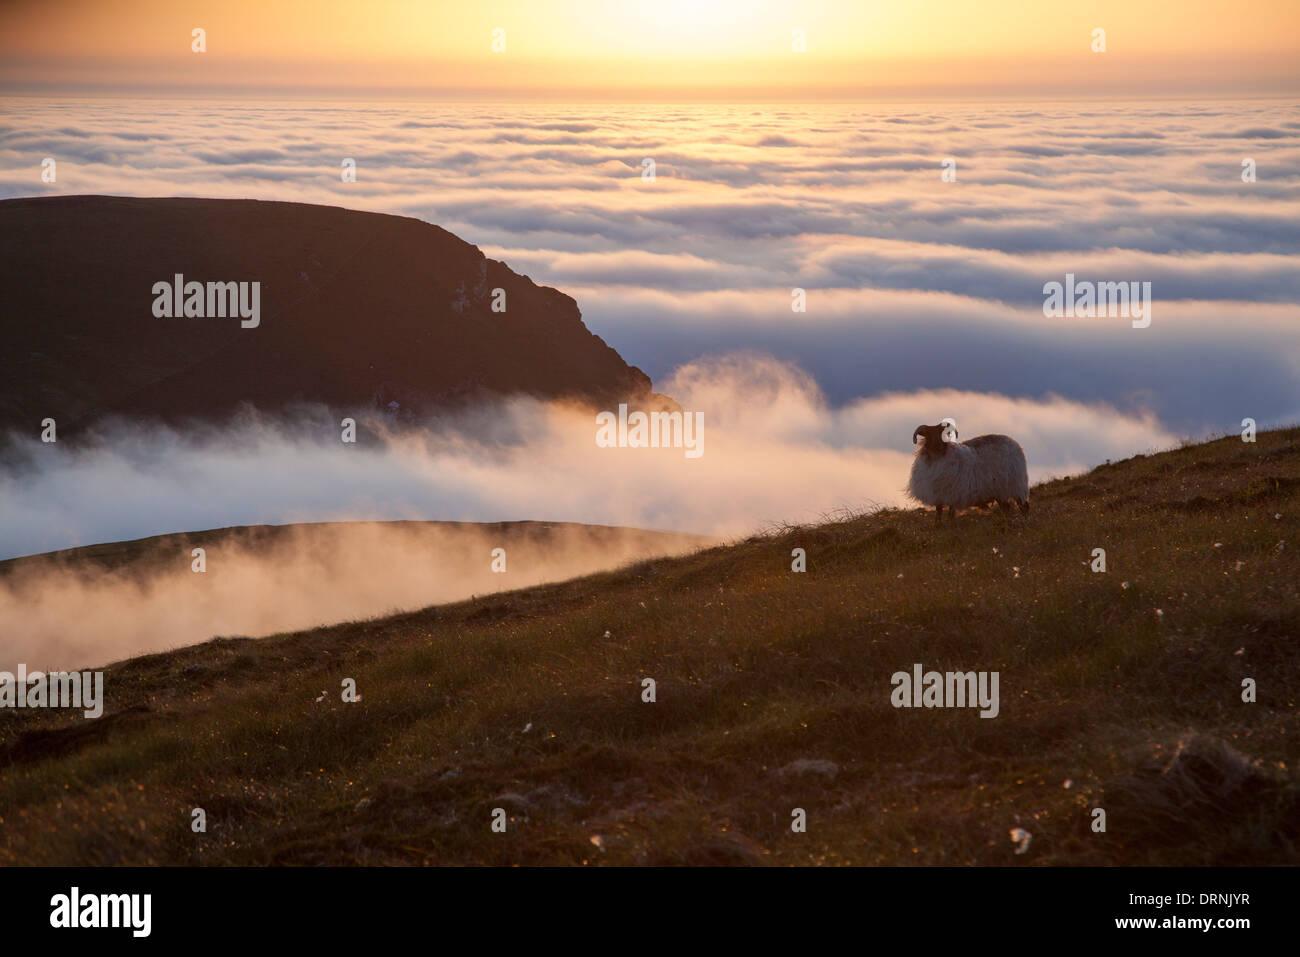 Sonnenuntergang Wolken und Schafe, Glinsk Berg, Nord-Mayo Seacliffs, County Mayo, Irland. Stockbild